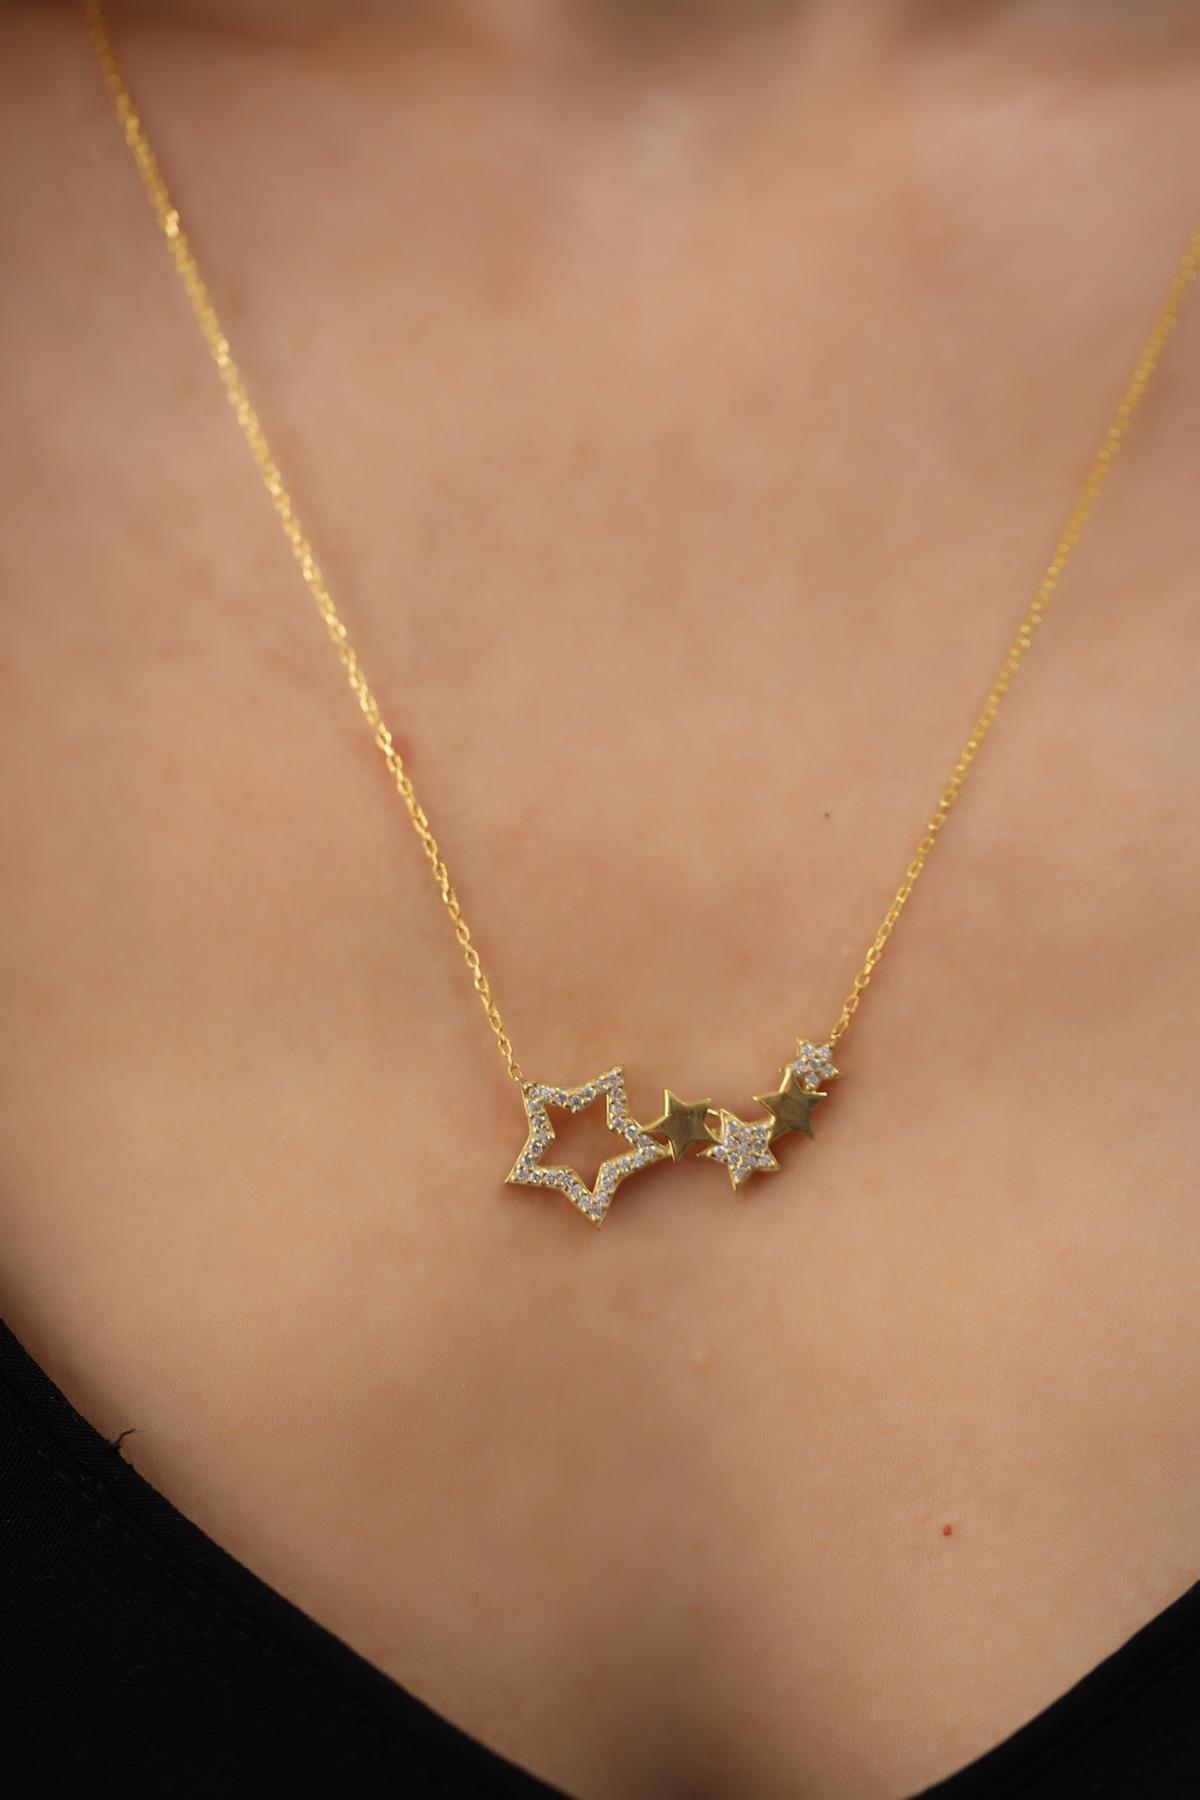 İzla Design Kadın Beşli Yıldız Model Altın Kaplama Gümüş Kolye 2